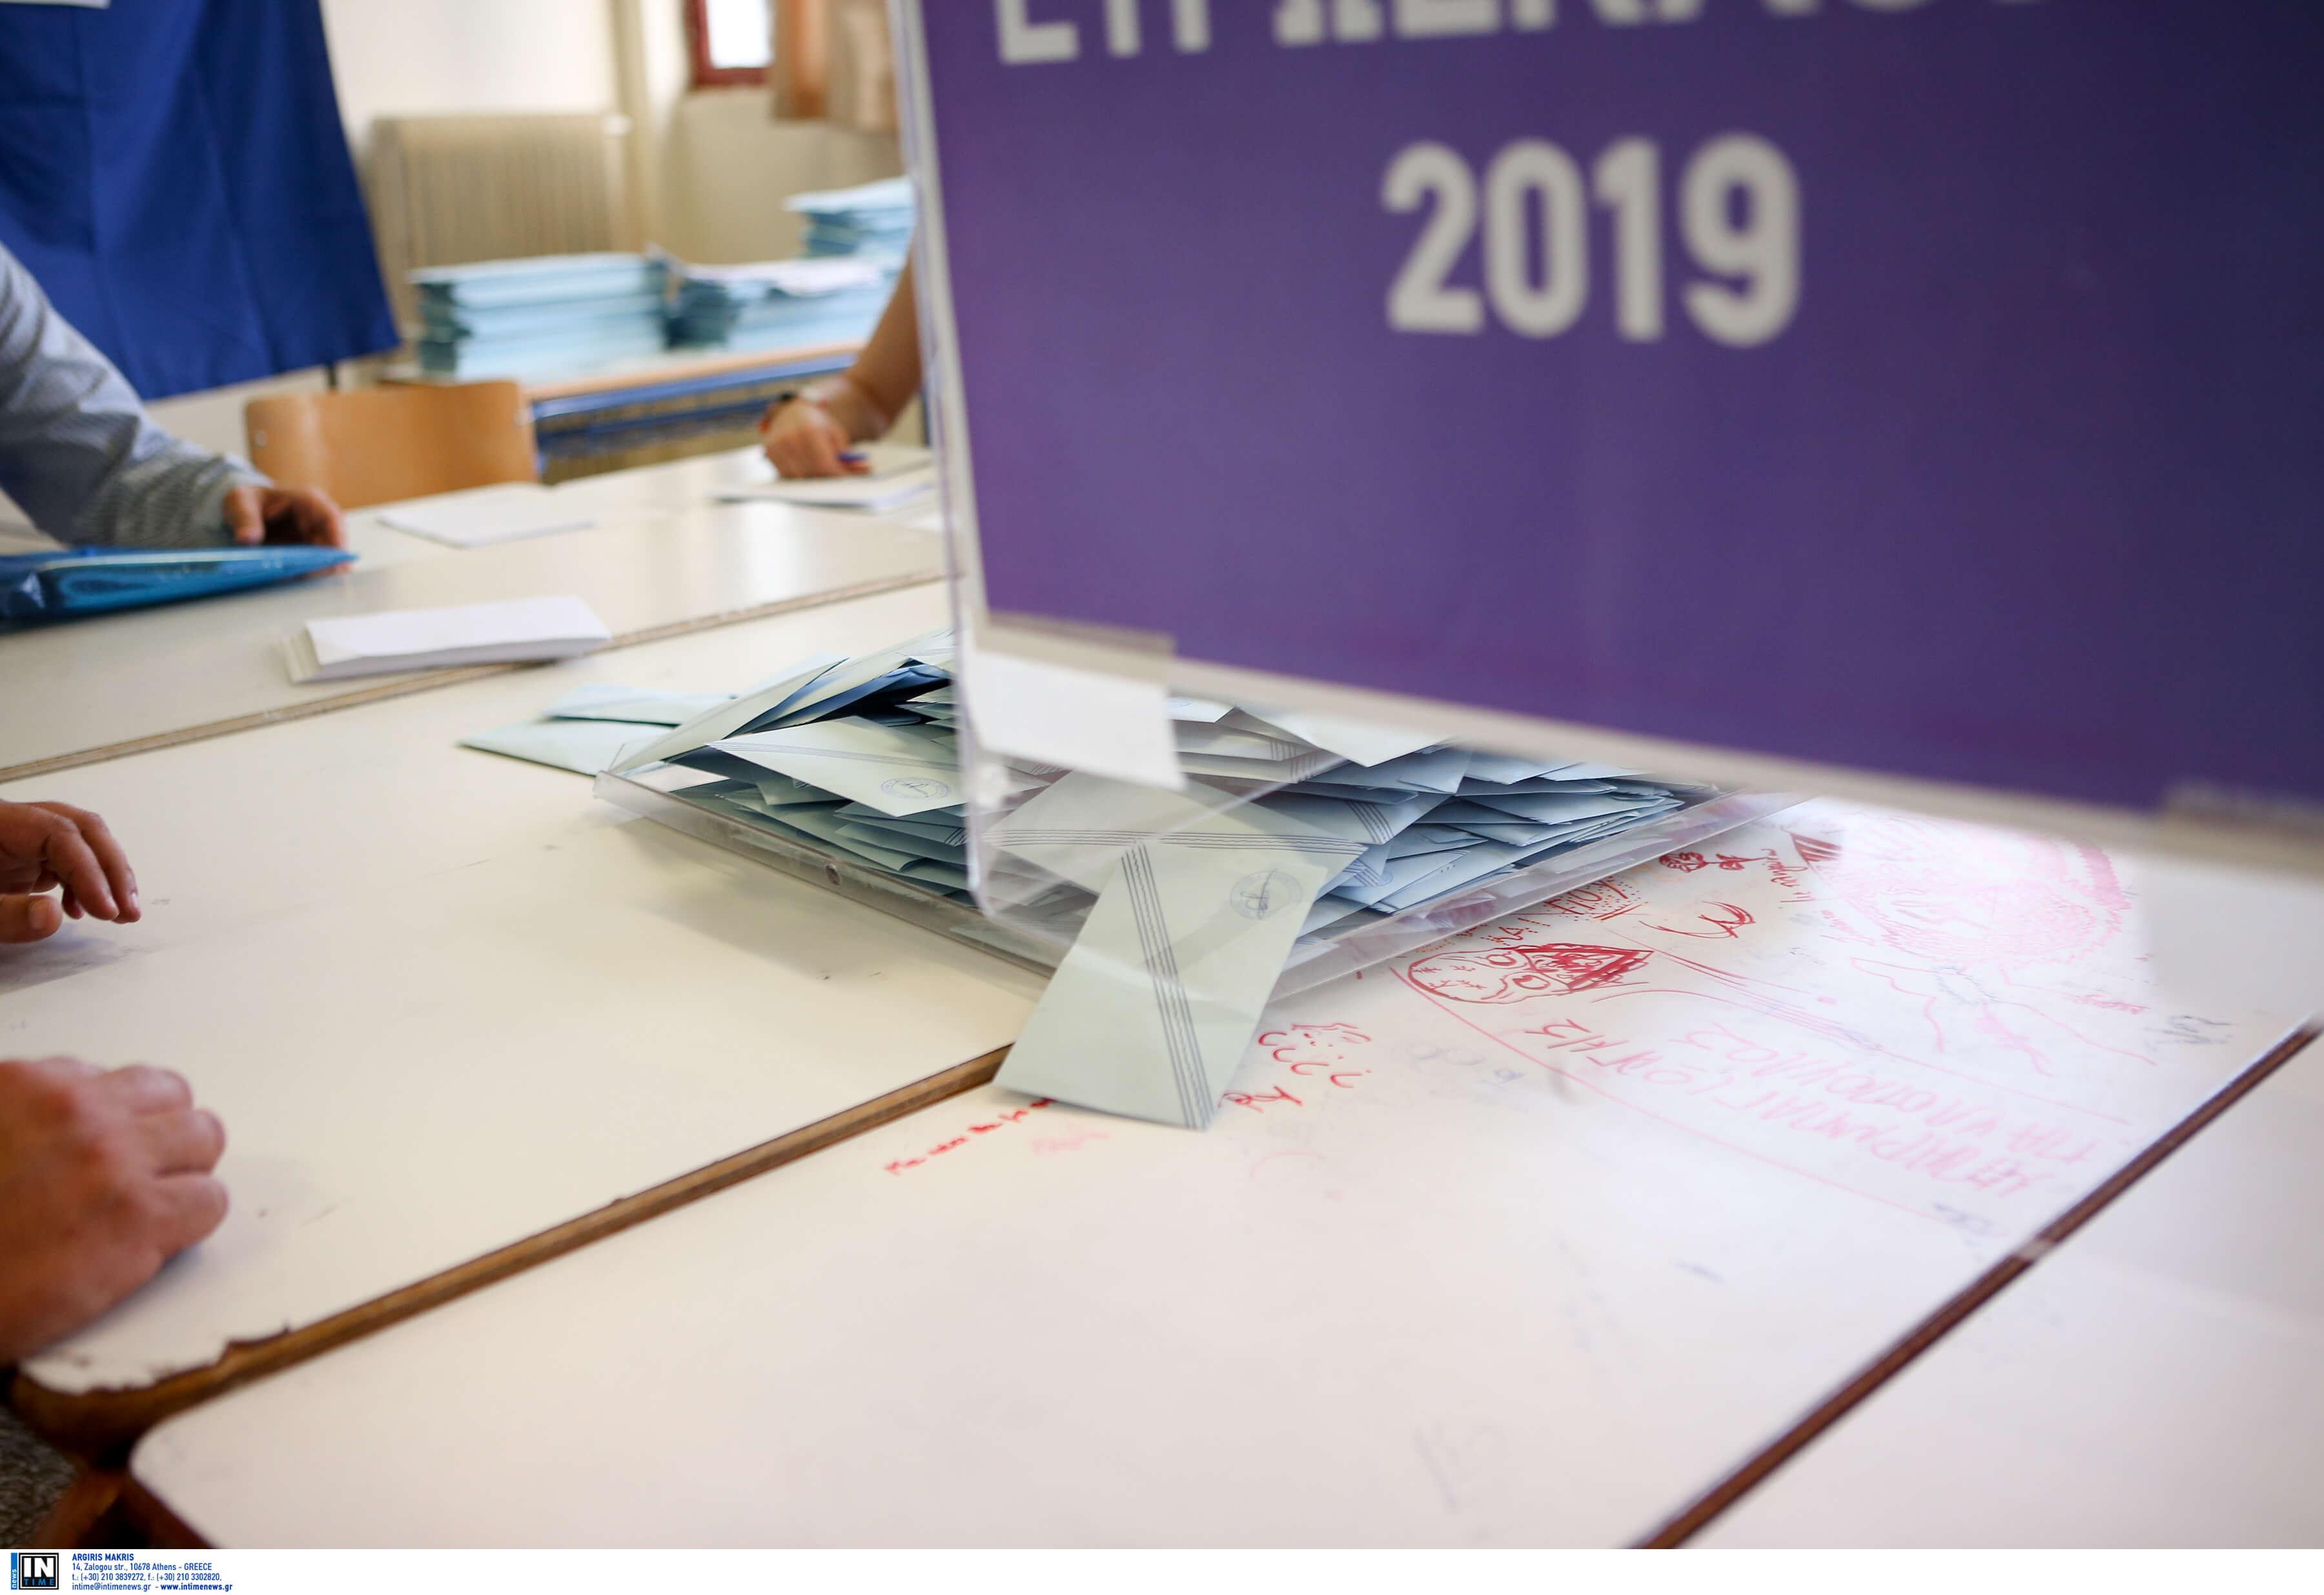 Εκλογές 2019: Οι υποψήφιοι βουλευτές Σερρών – Αποτελέσματα εκλογών, ονόματα και κόμματα